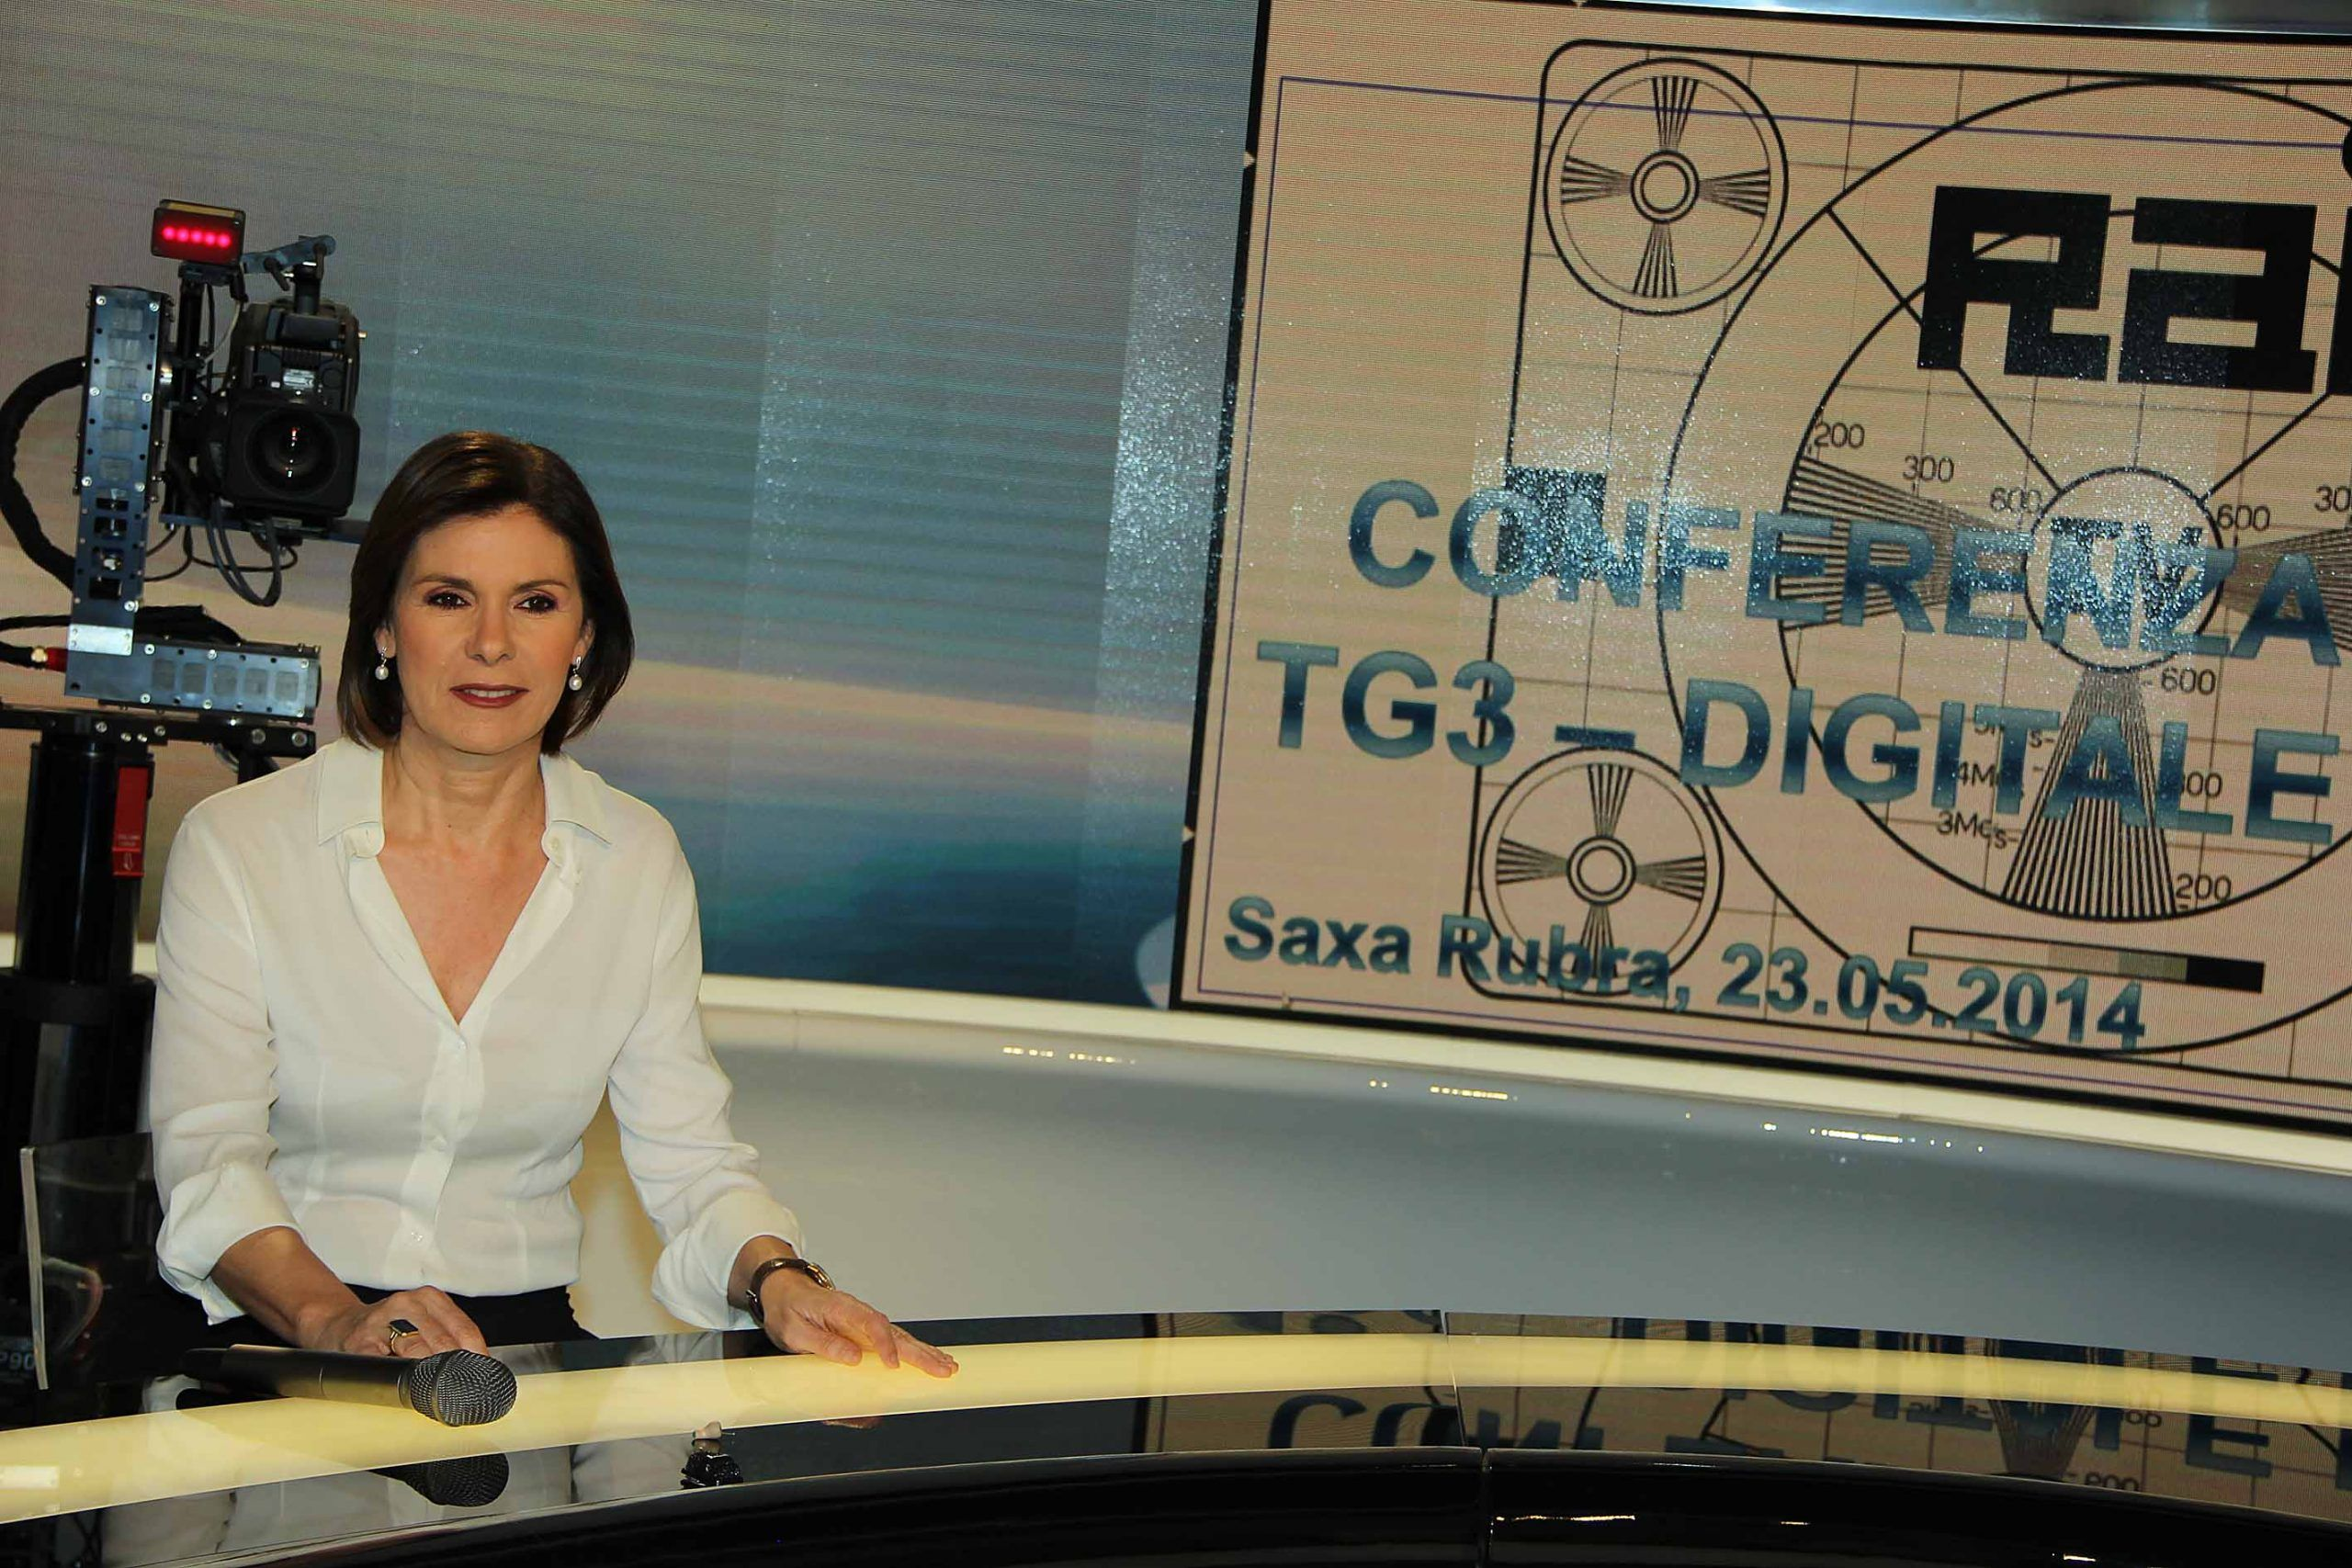 Bianca Berlinguer, Tg3 accorpato con Rai News e TgR: 'Gubitosi sbaglia, qui per fare informazione'